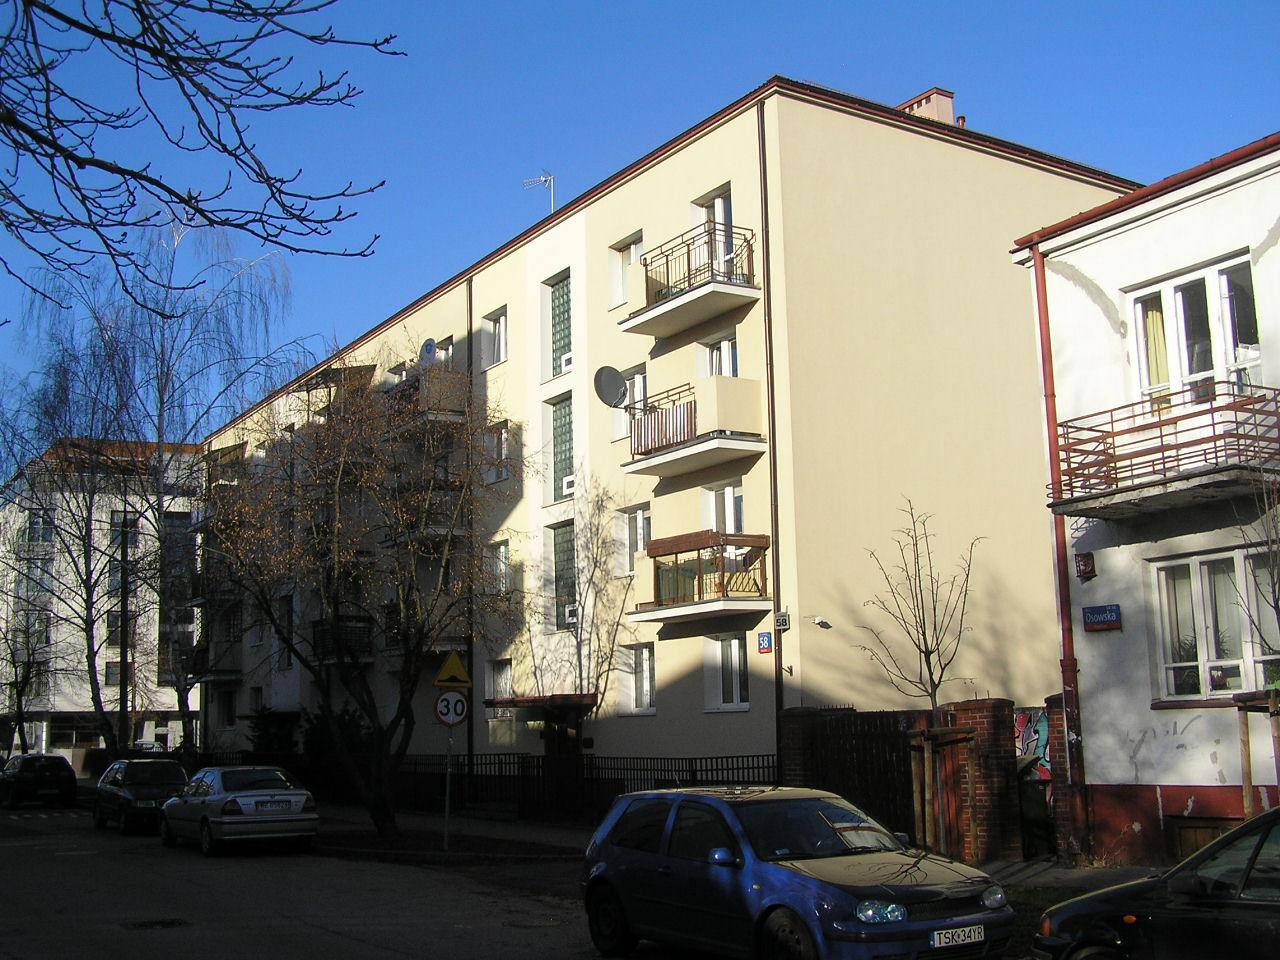 Osowska 58